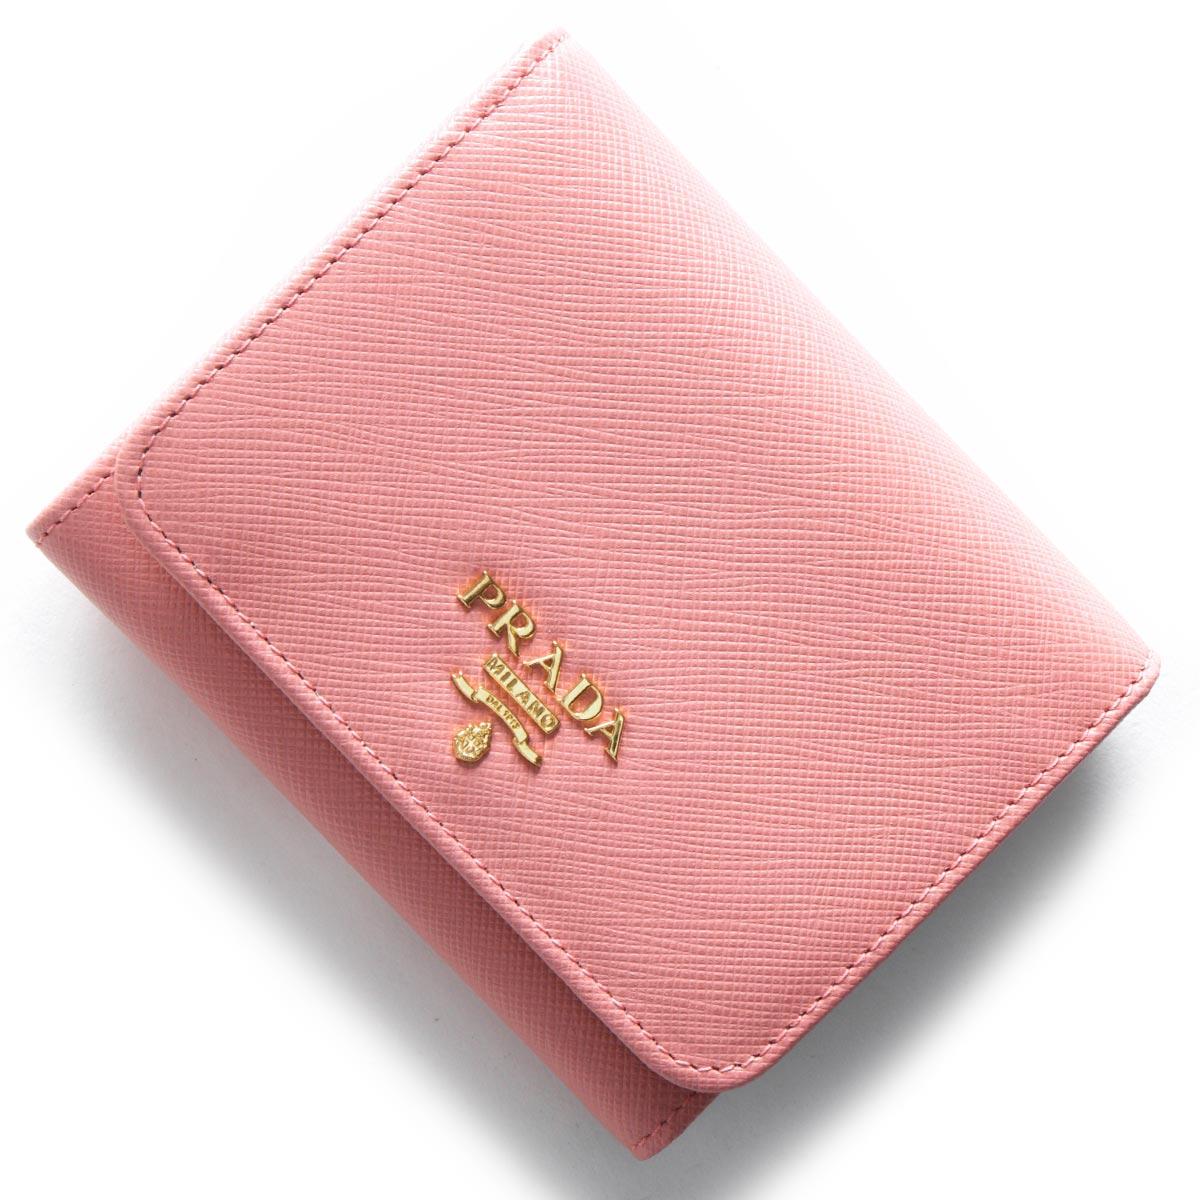 プラダ 三つ折り財布 財布 レディース サフィアーノ メタル SAFFIANO METAL ペタロピンク 1MH176 QWA F0442 PRADA